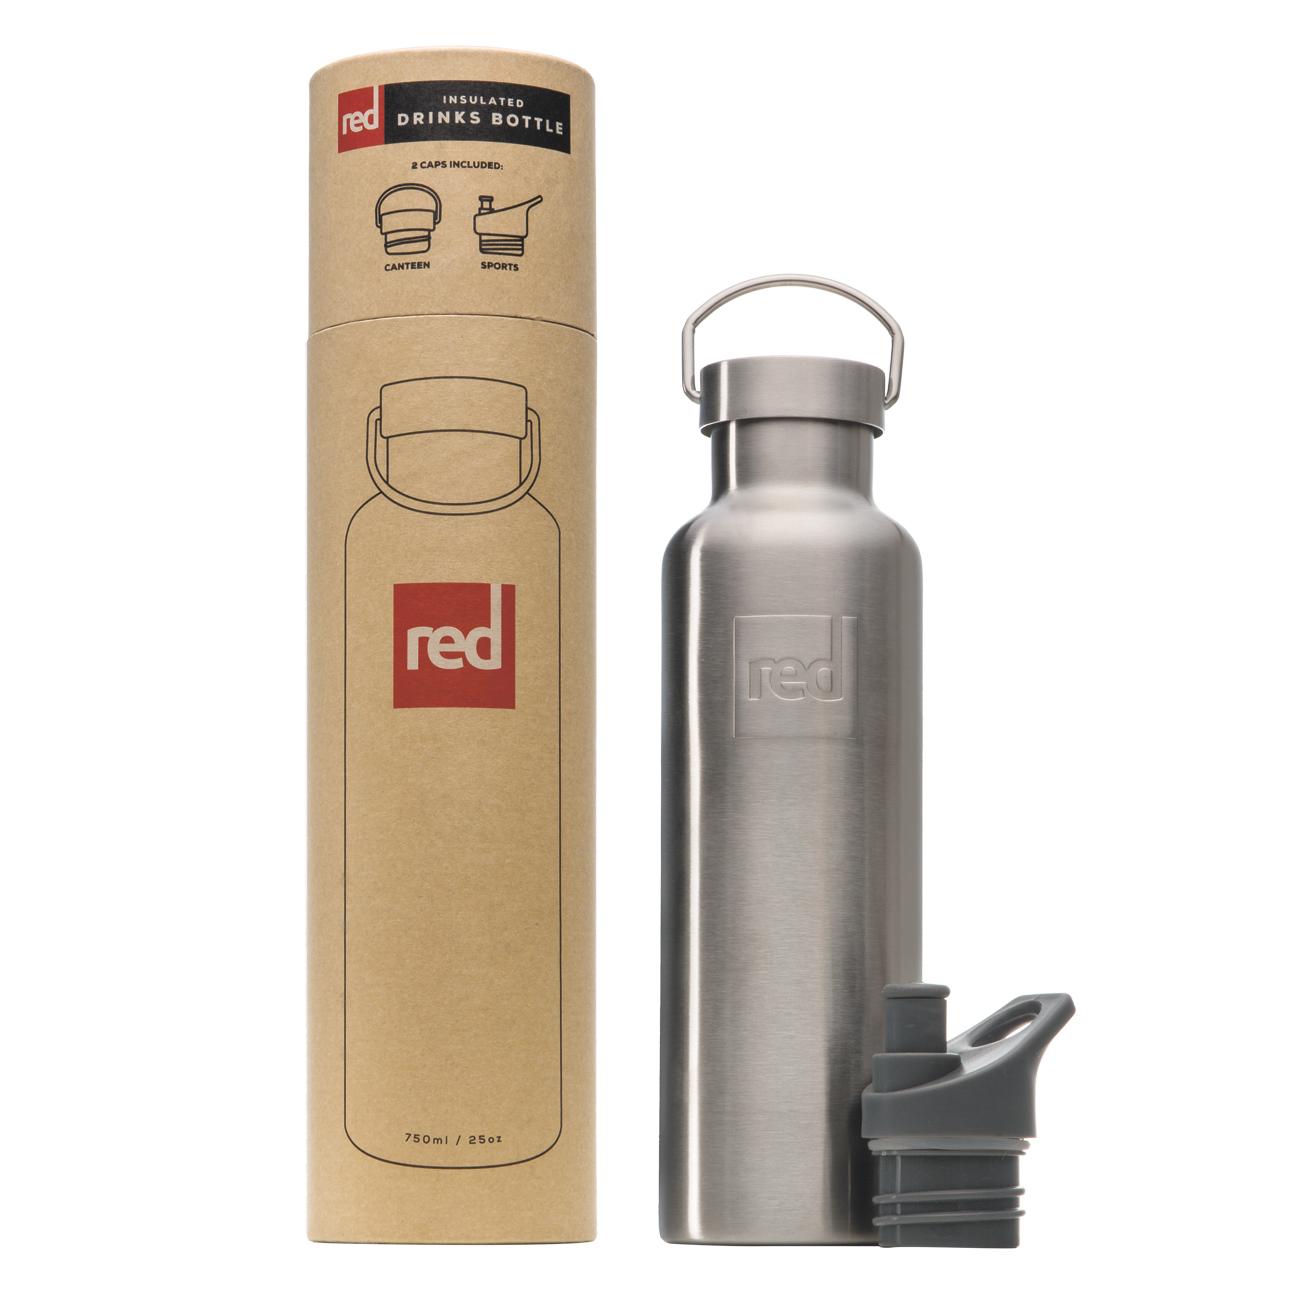 21Red-Original-Drinks-Bottle-Complete